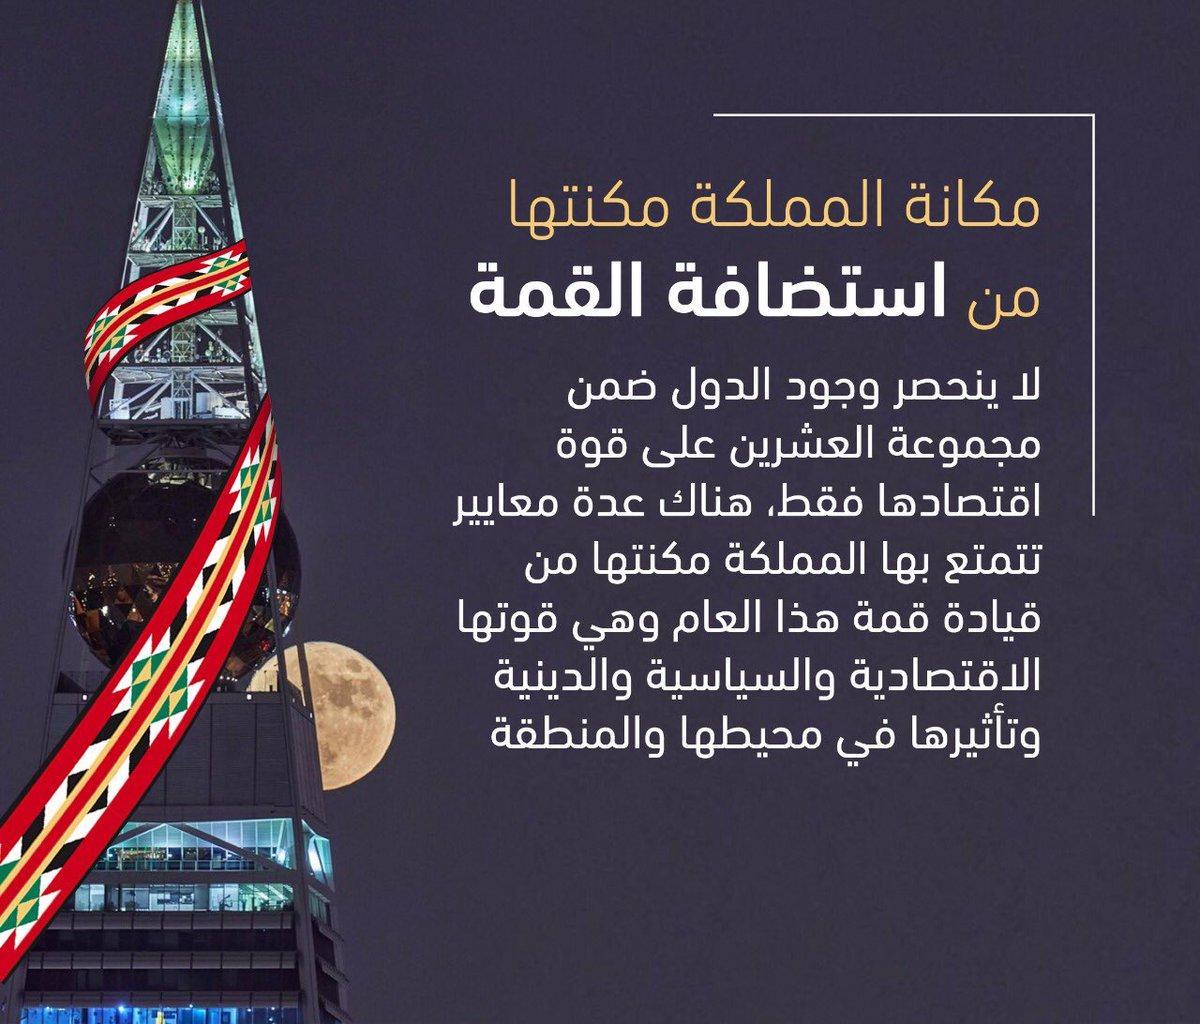 السعودية مكانة سياسية وقوة اقتصادية تجعلها من الدول التي لها ثقلها في هذا العالم، نجاح تاريخي في تنظيم قمة تاريخية. #نجاح_قمة_العشرين_بالسعودية